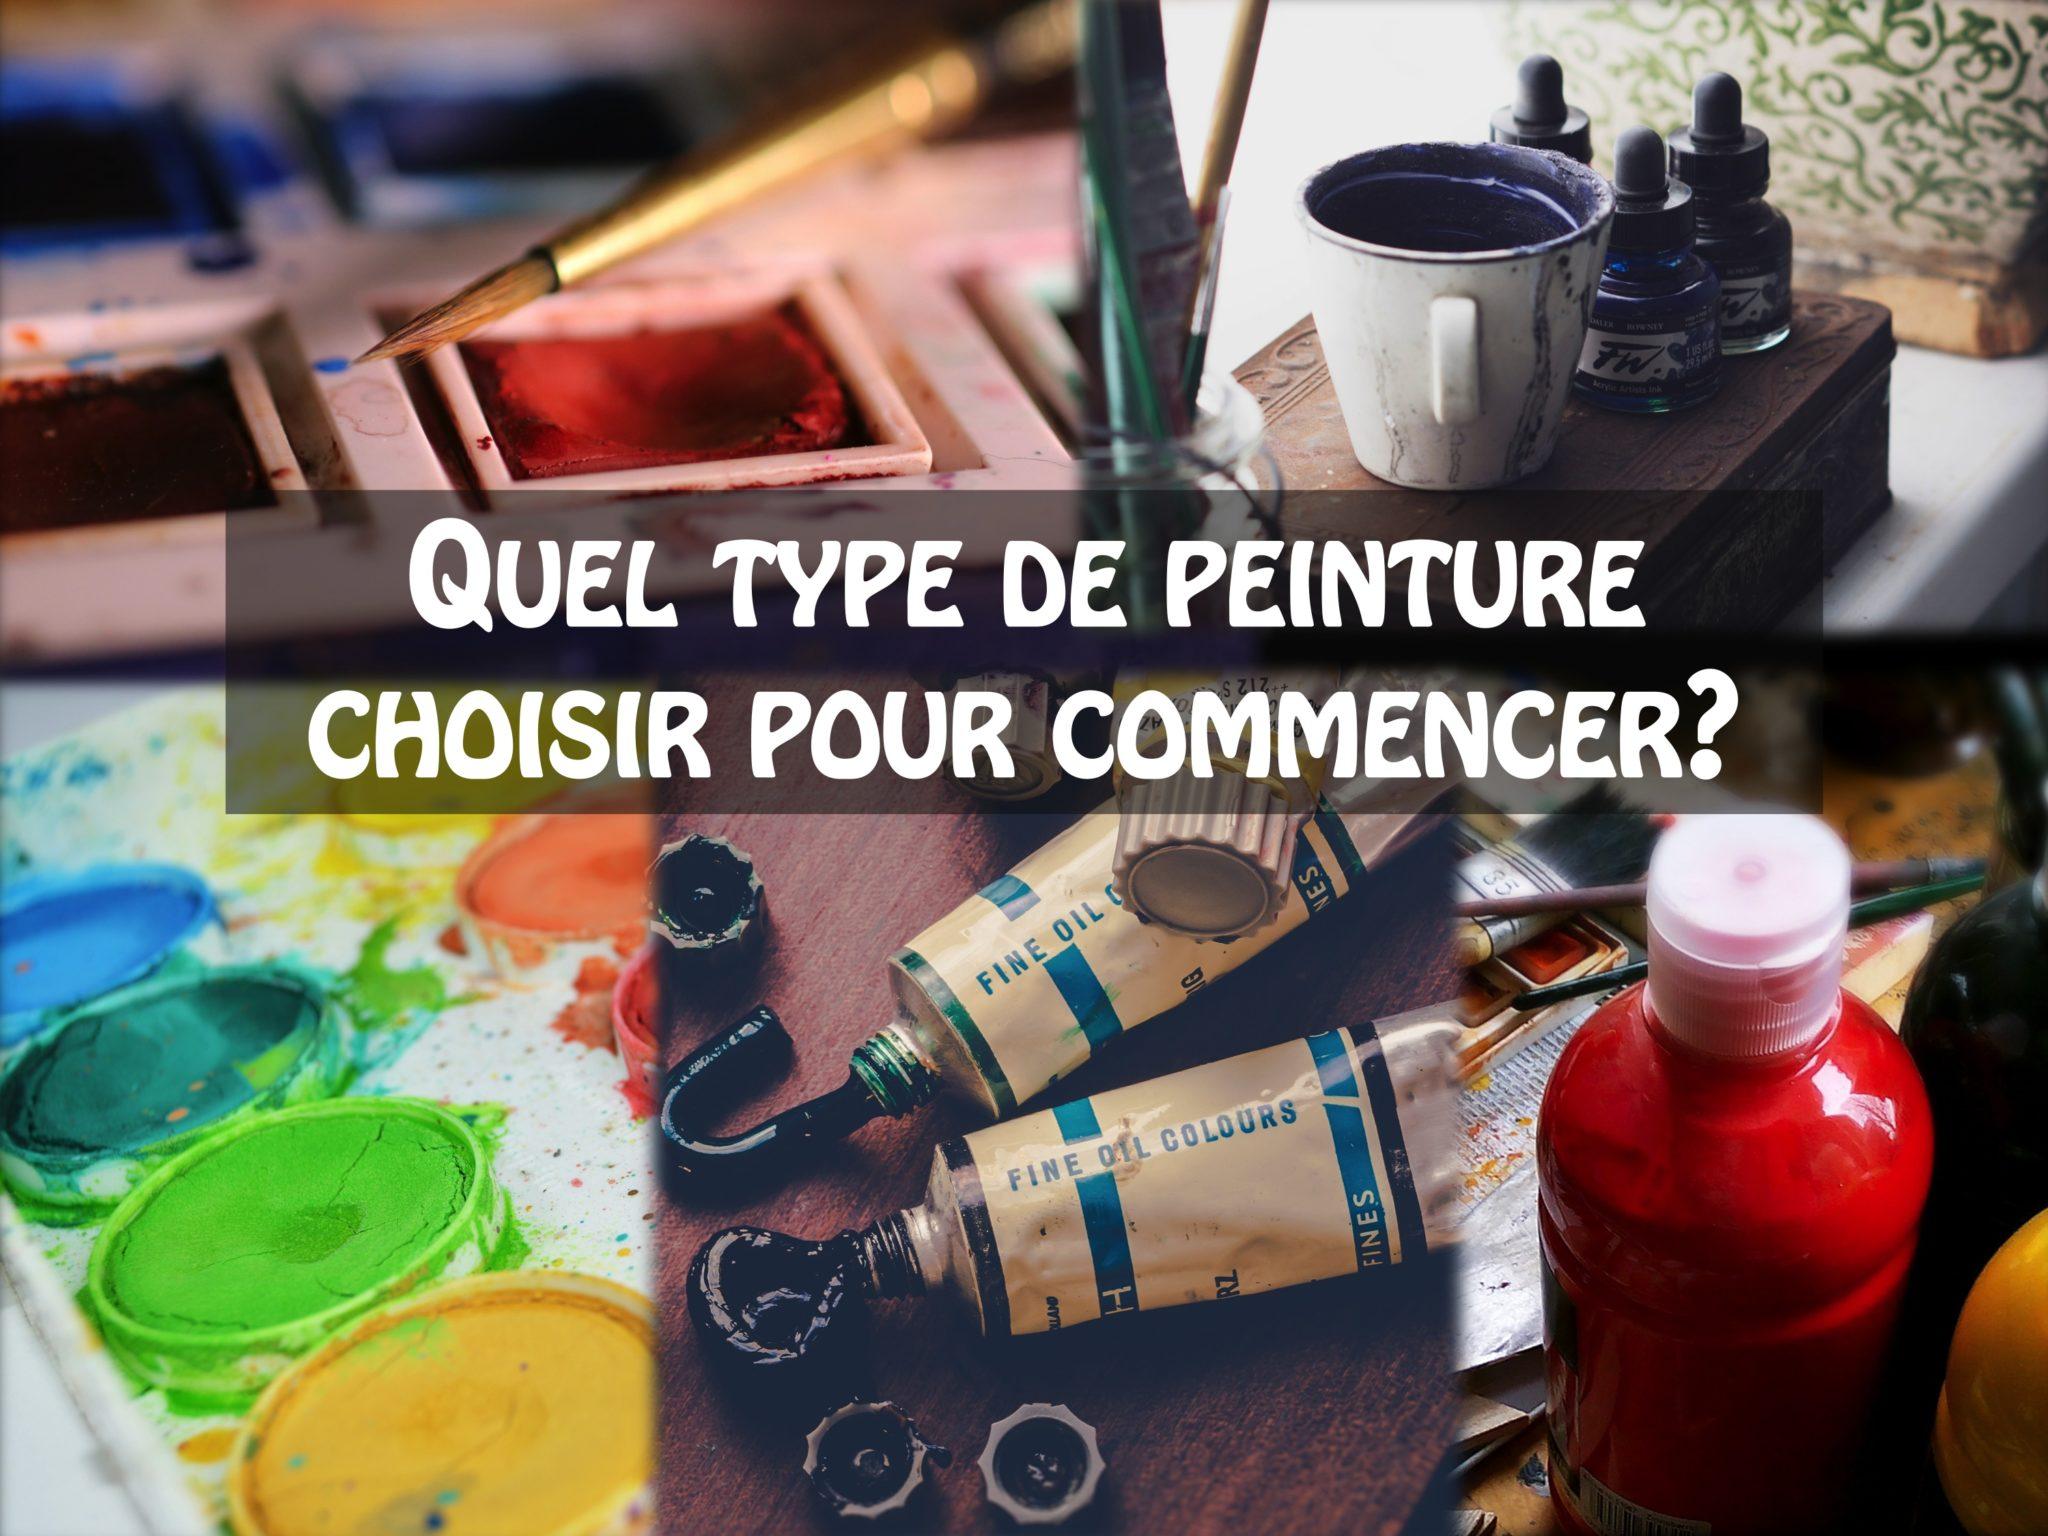 Quel Type De Peinture Choisir Pour Commencer Apprendre La Peinture